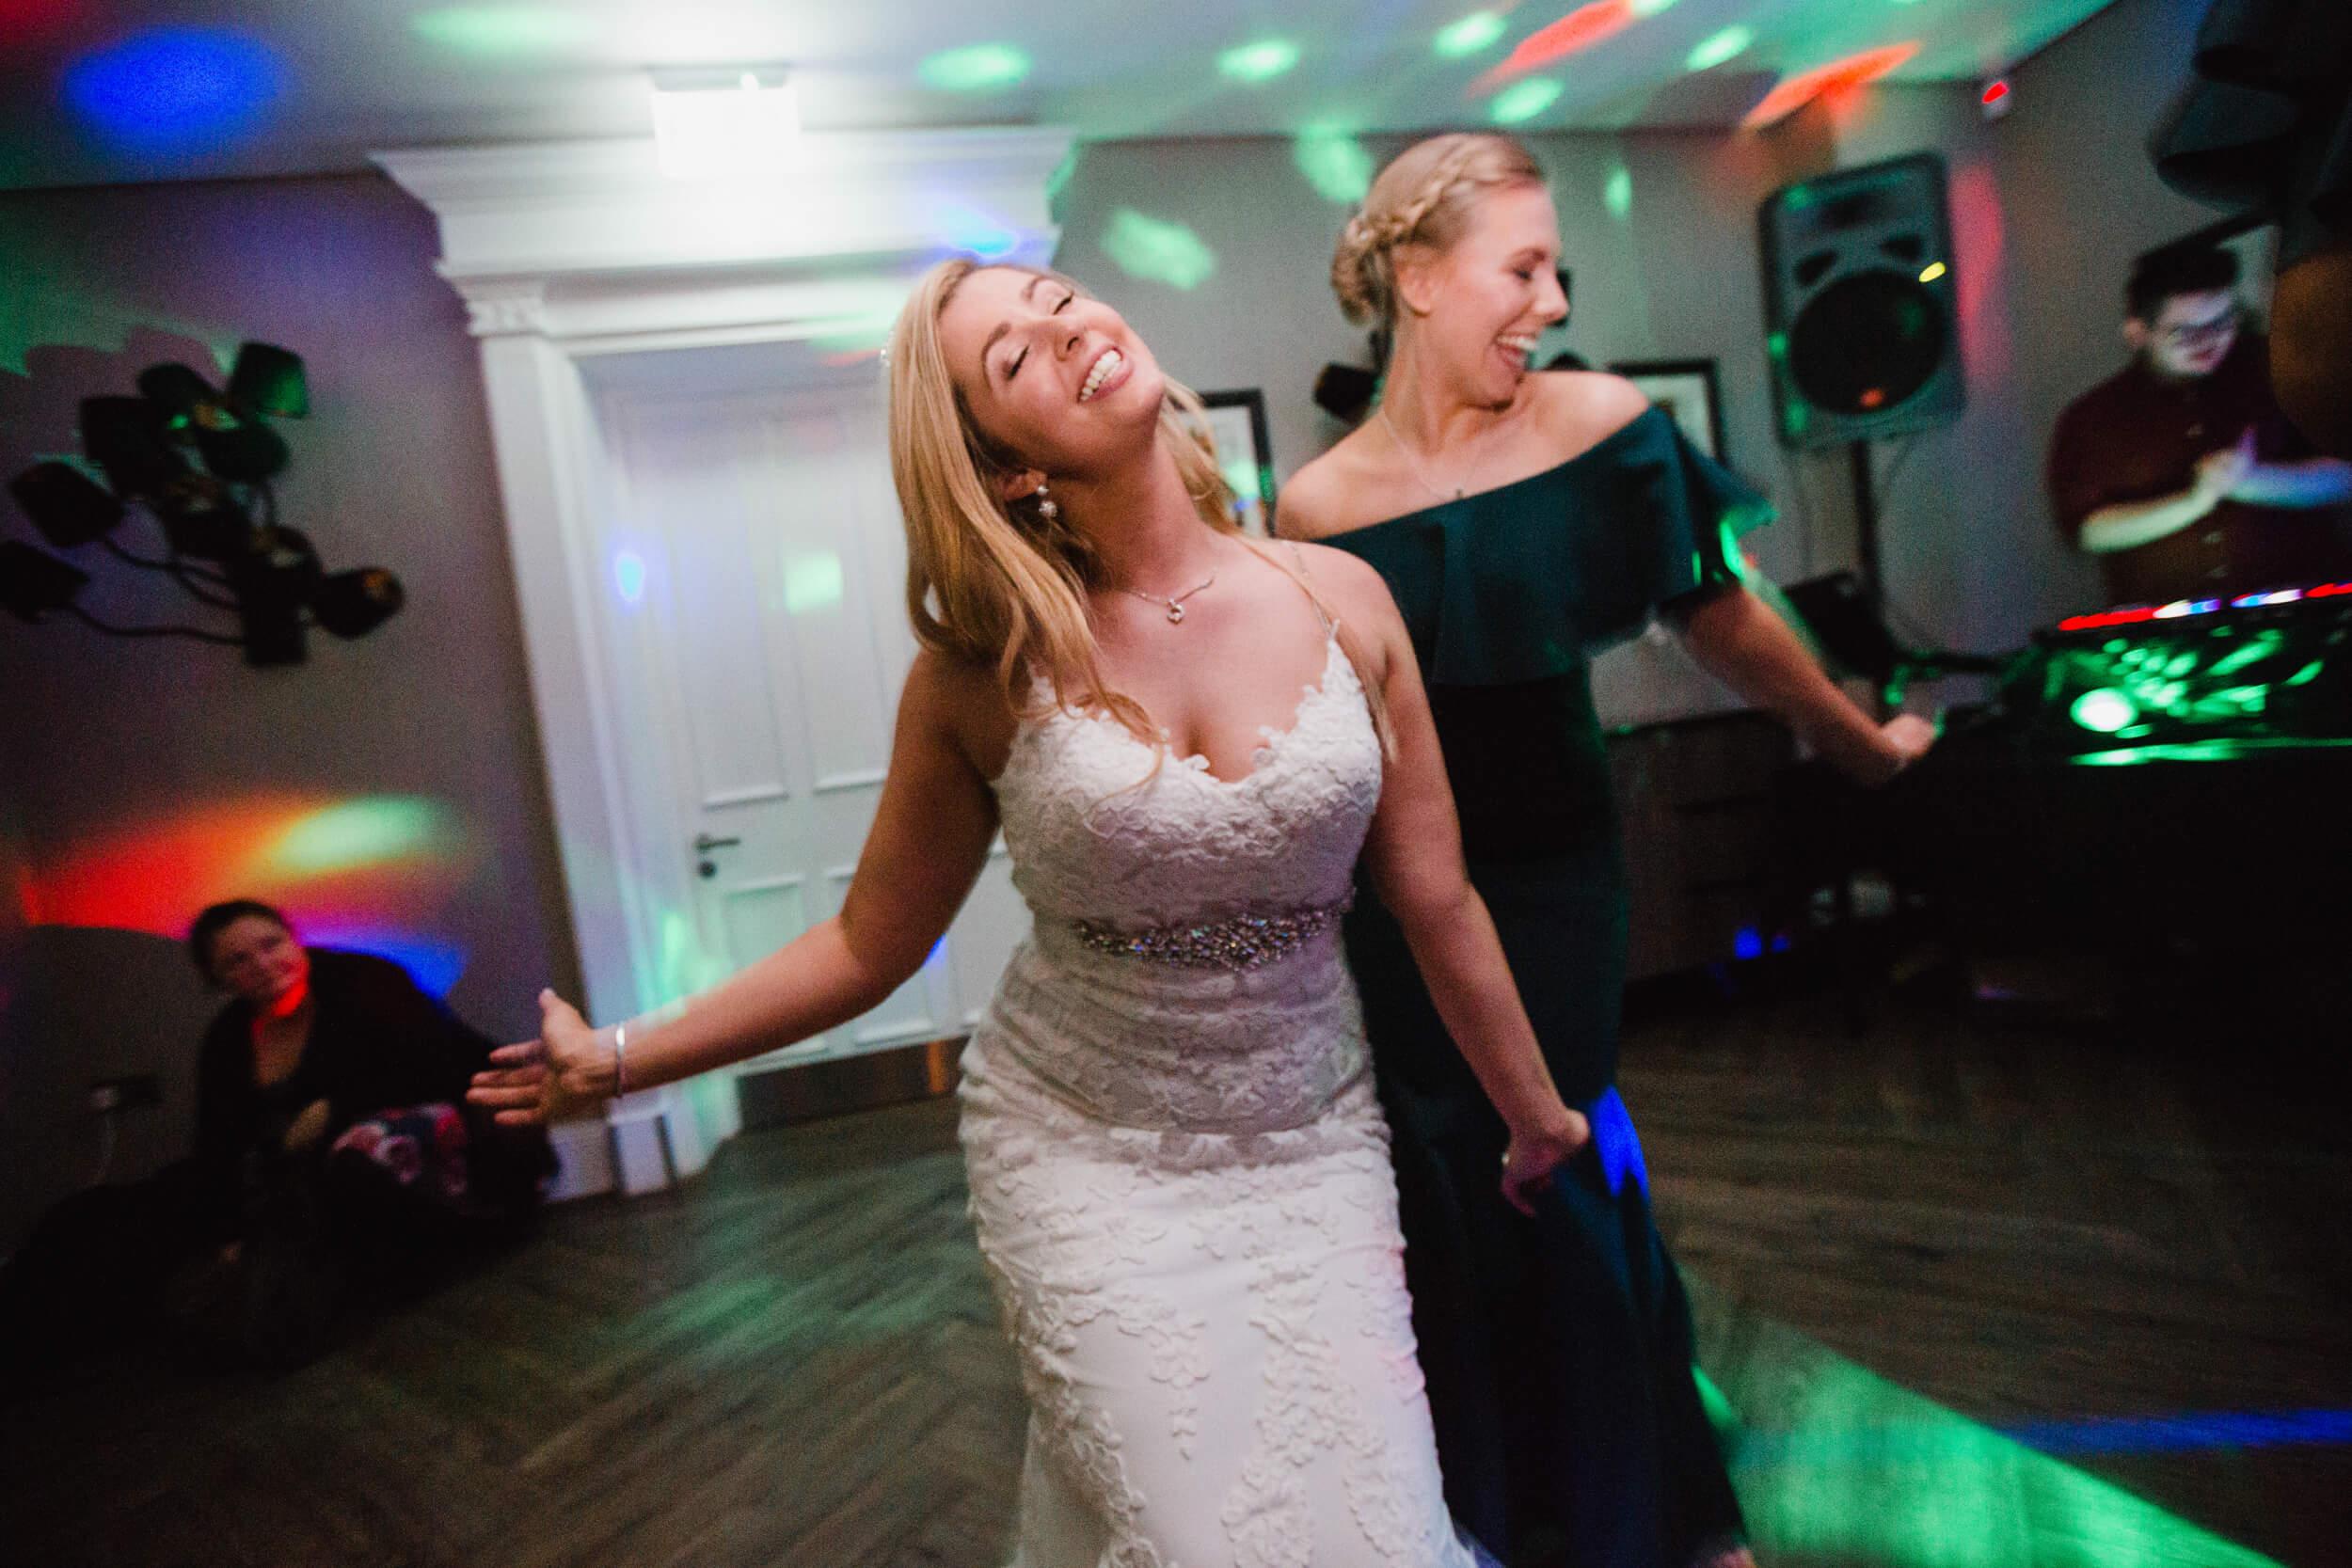 bride dancing with friends on dancefloor